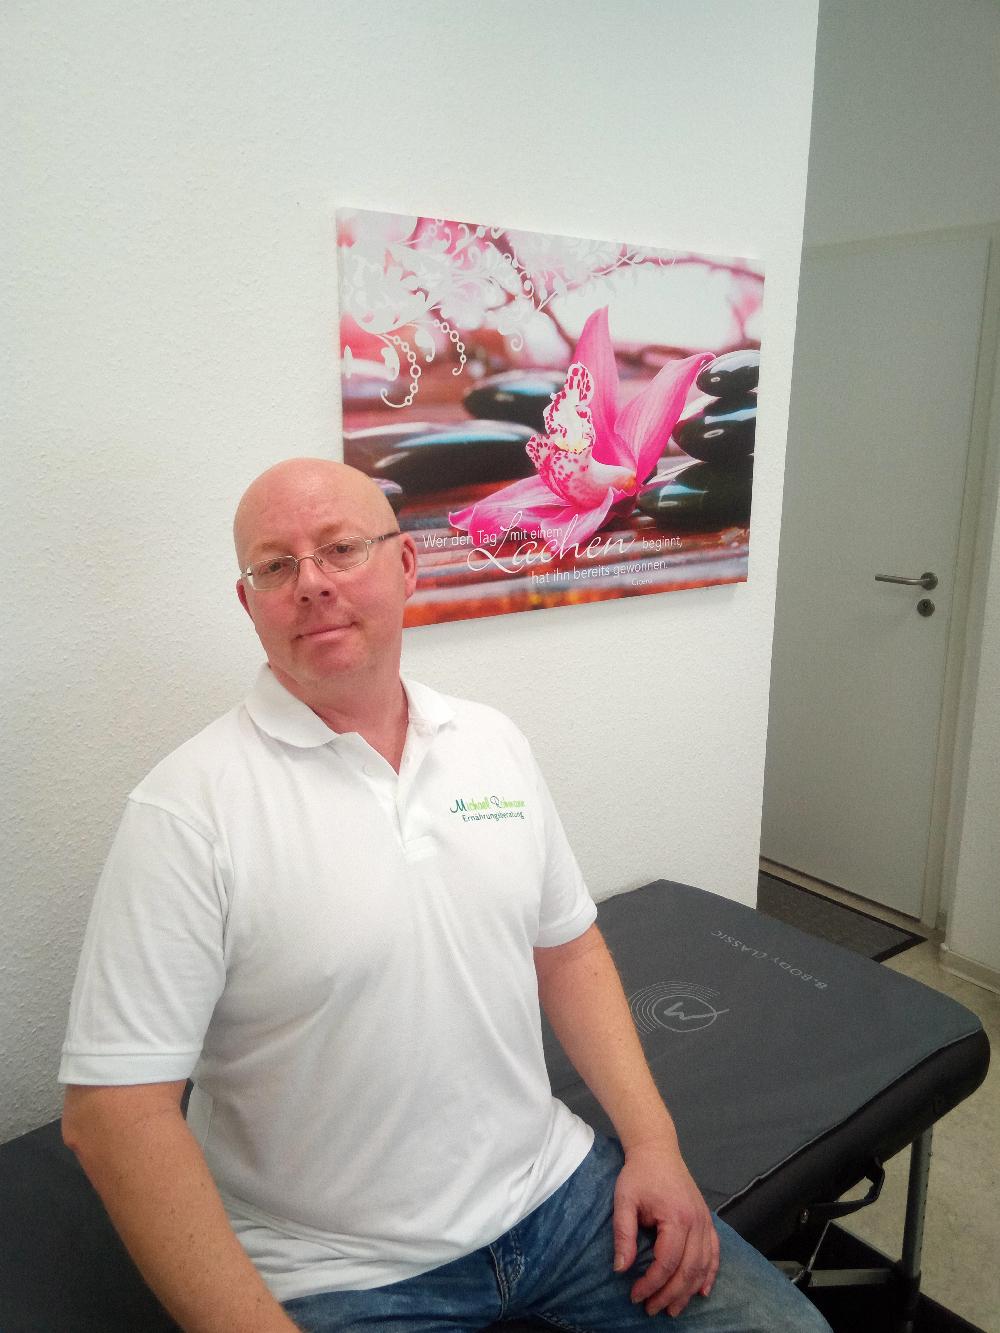 Michael Rohmann Ernährungsberatung Mannheim Käfertal Bemer